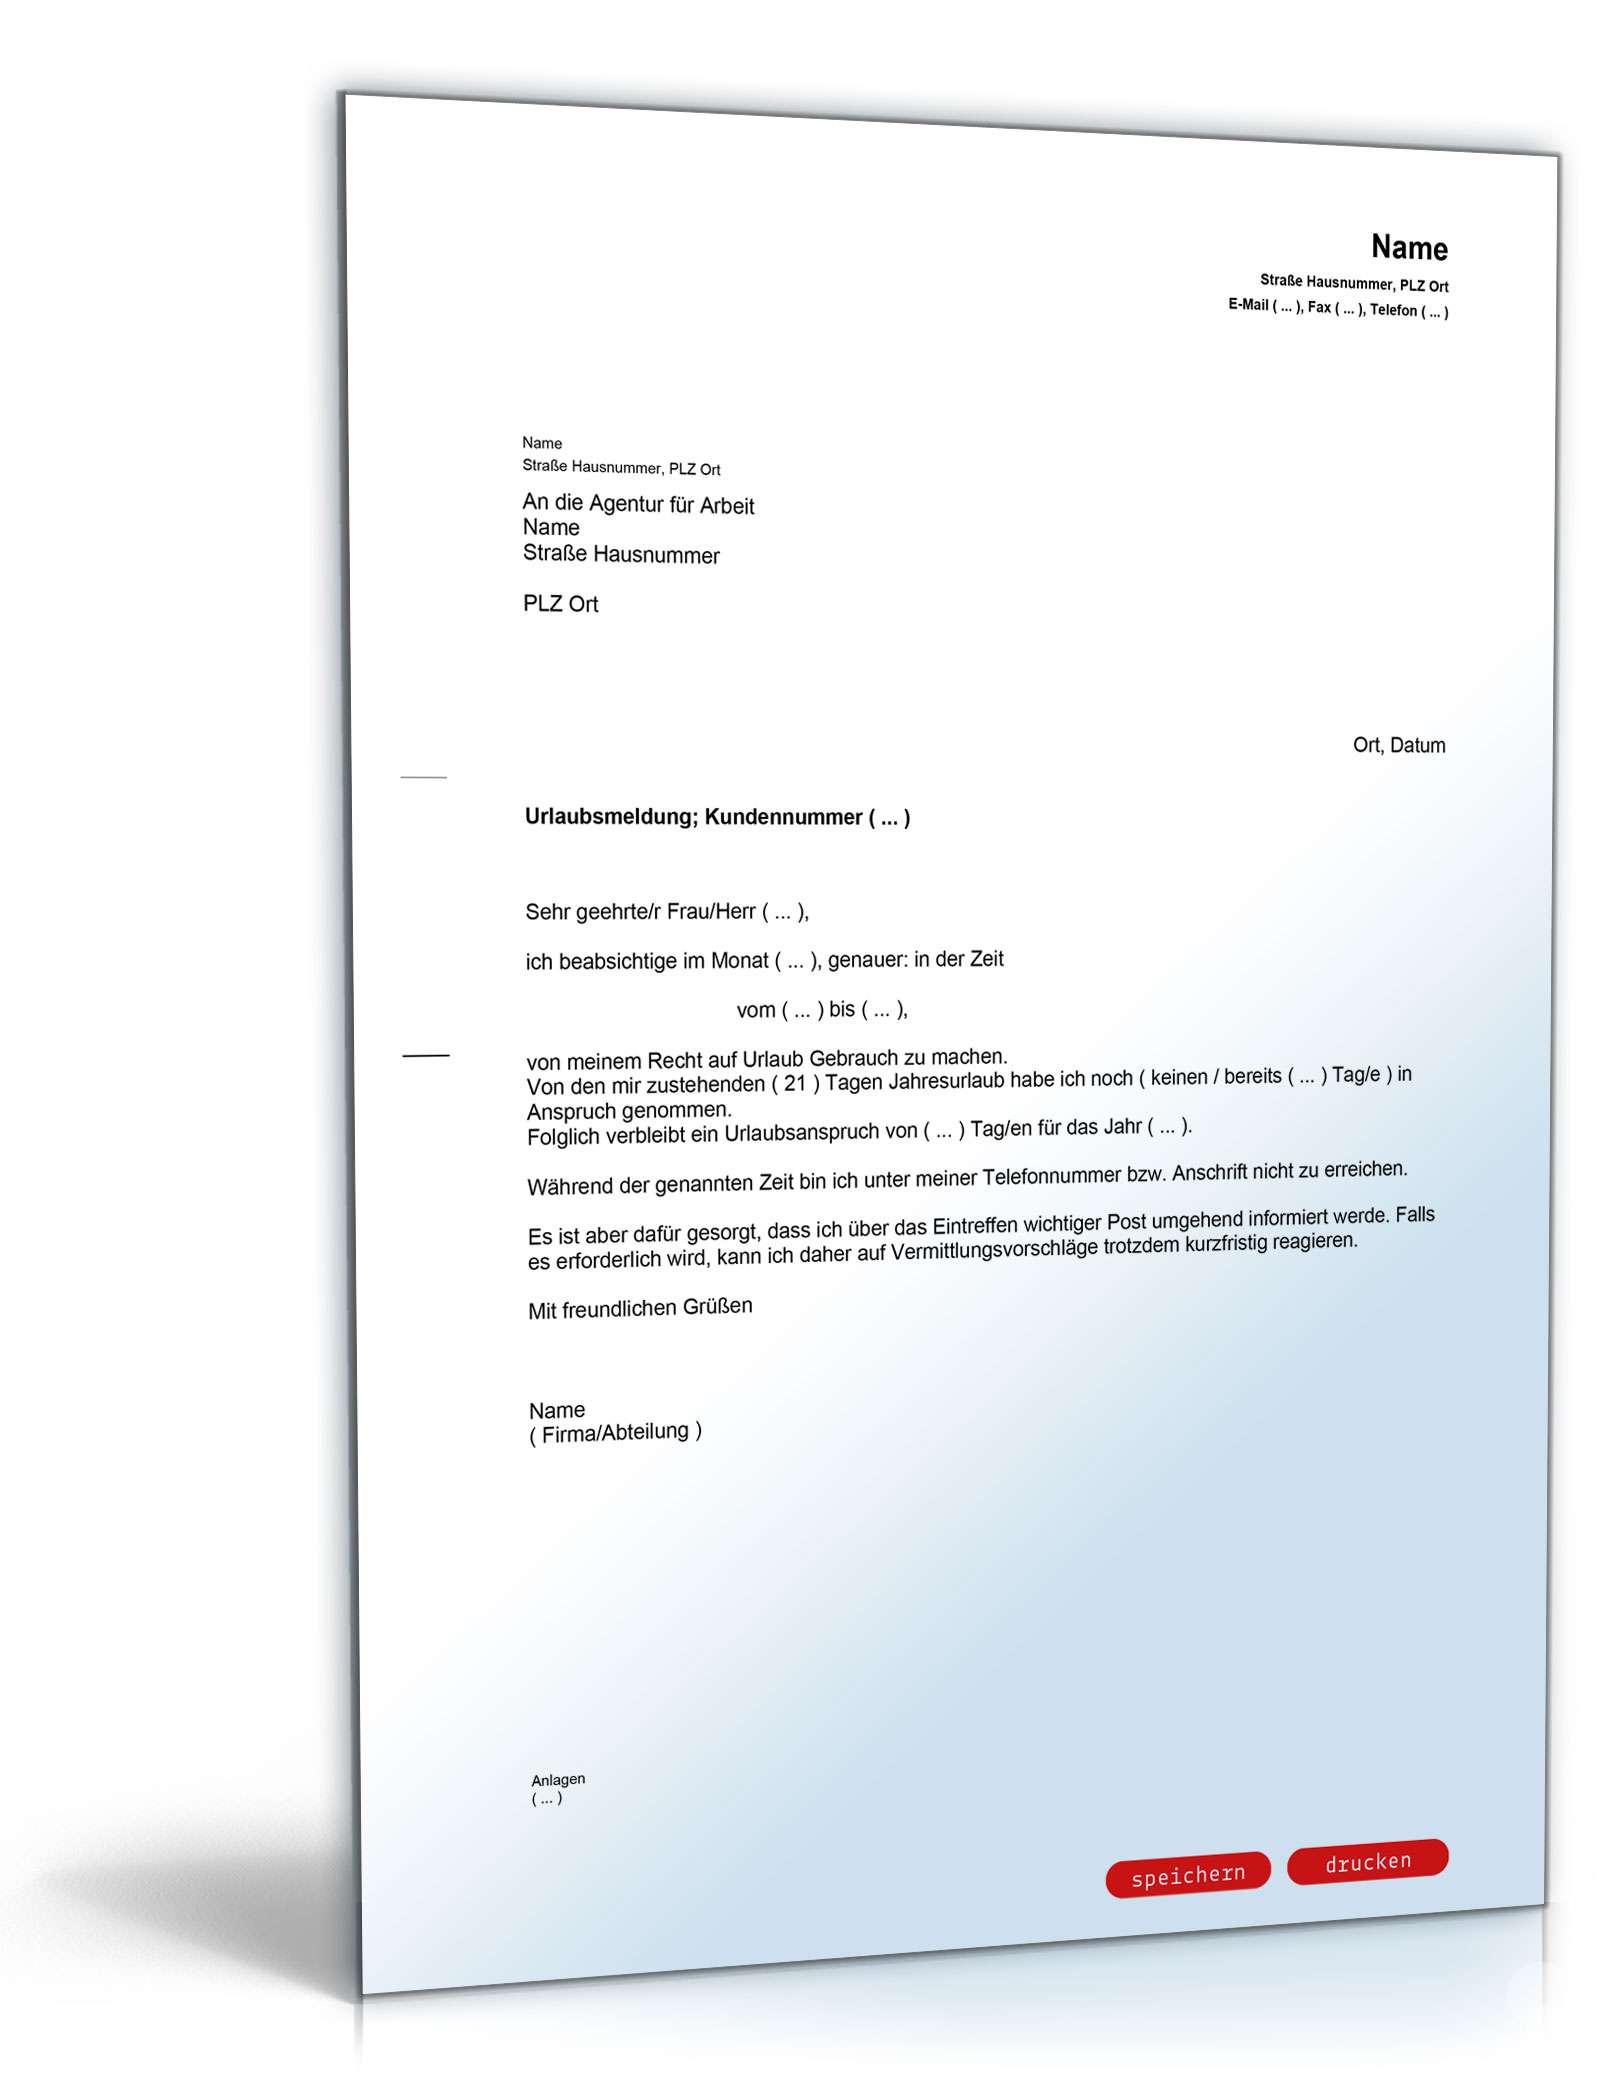 Urlaubsmeldung Bei Der Agentur Für Arbeit Vorlage Zum Download